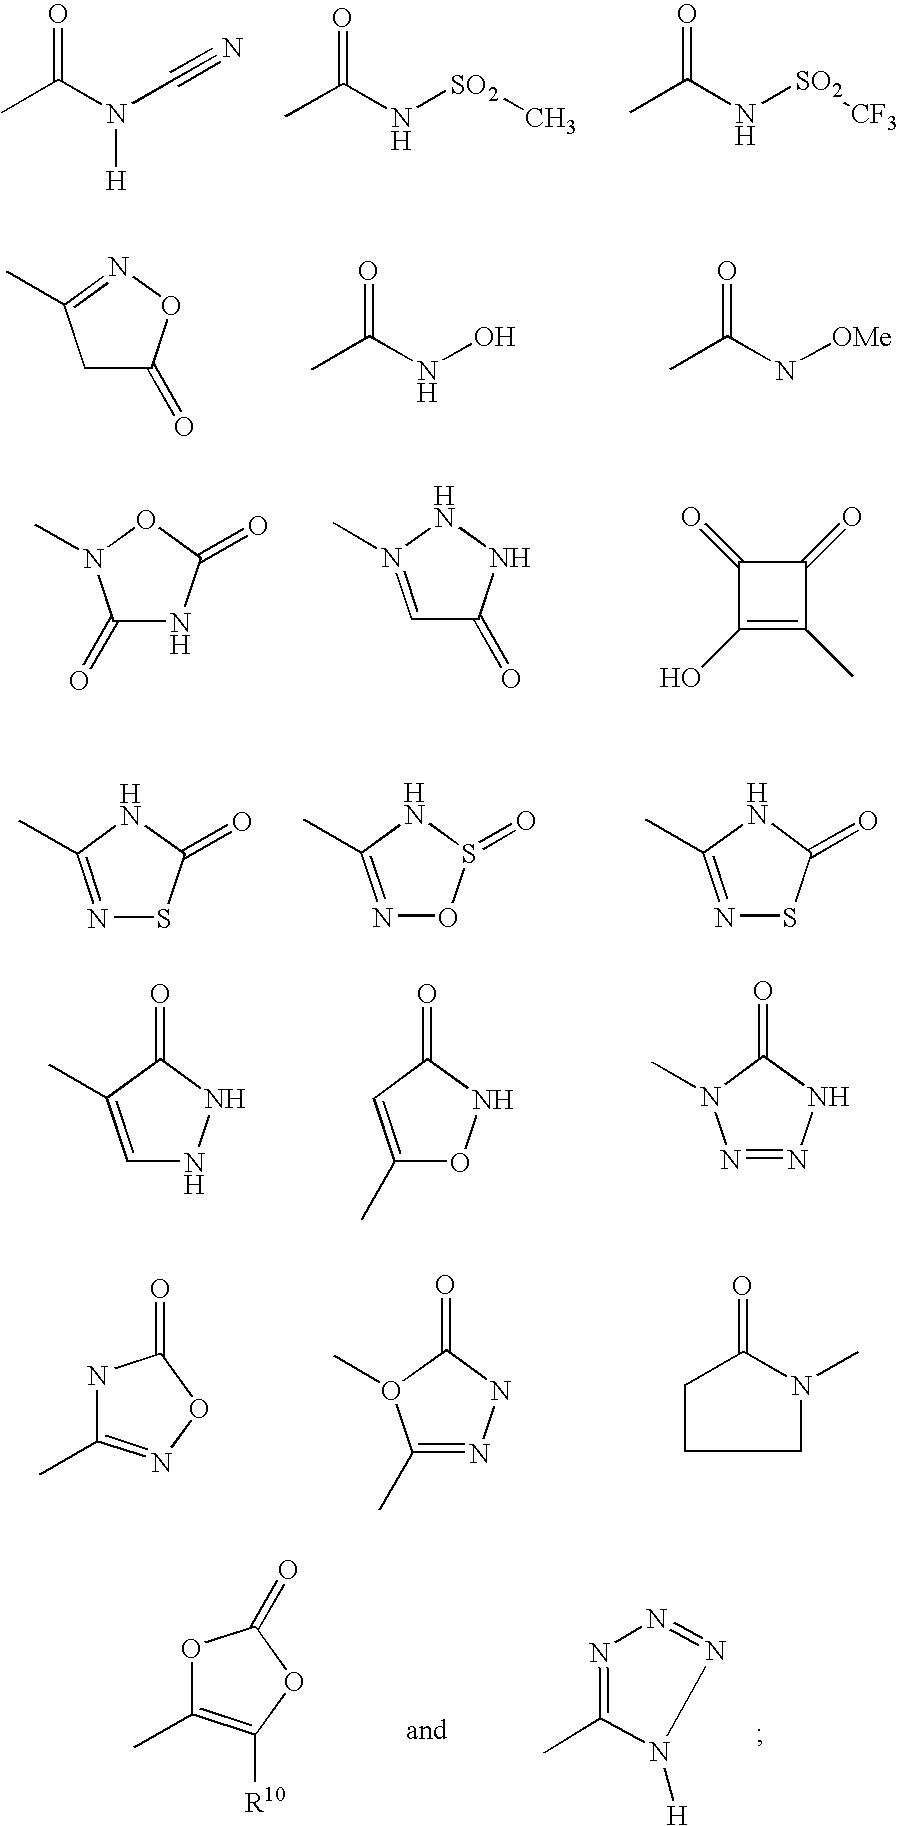 Figure US20050009827A1-20050113-C00047